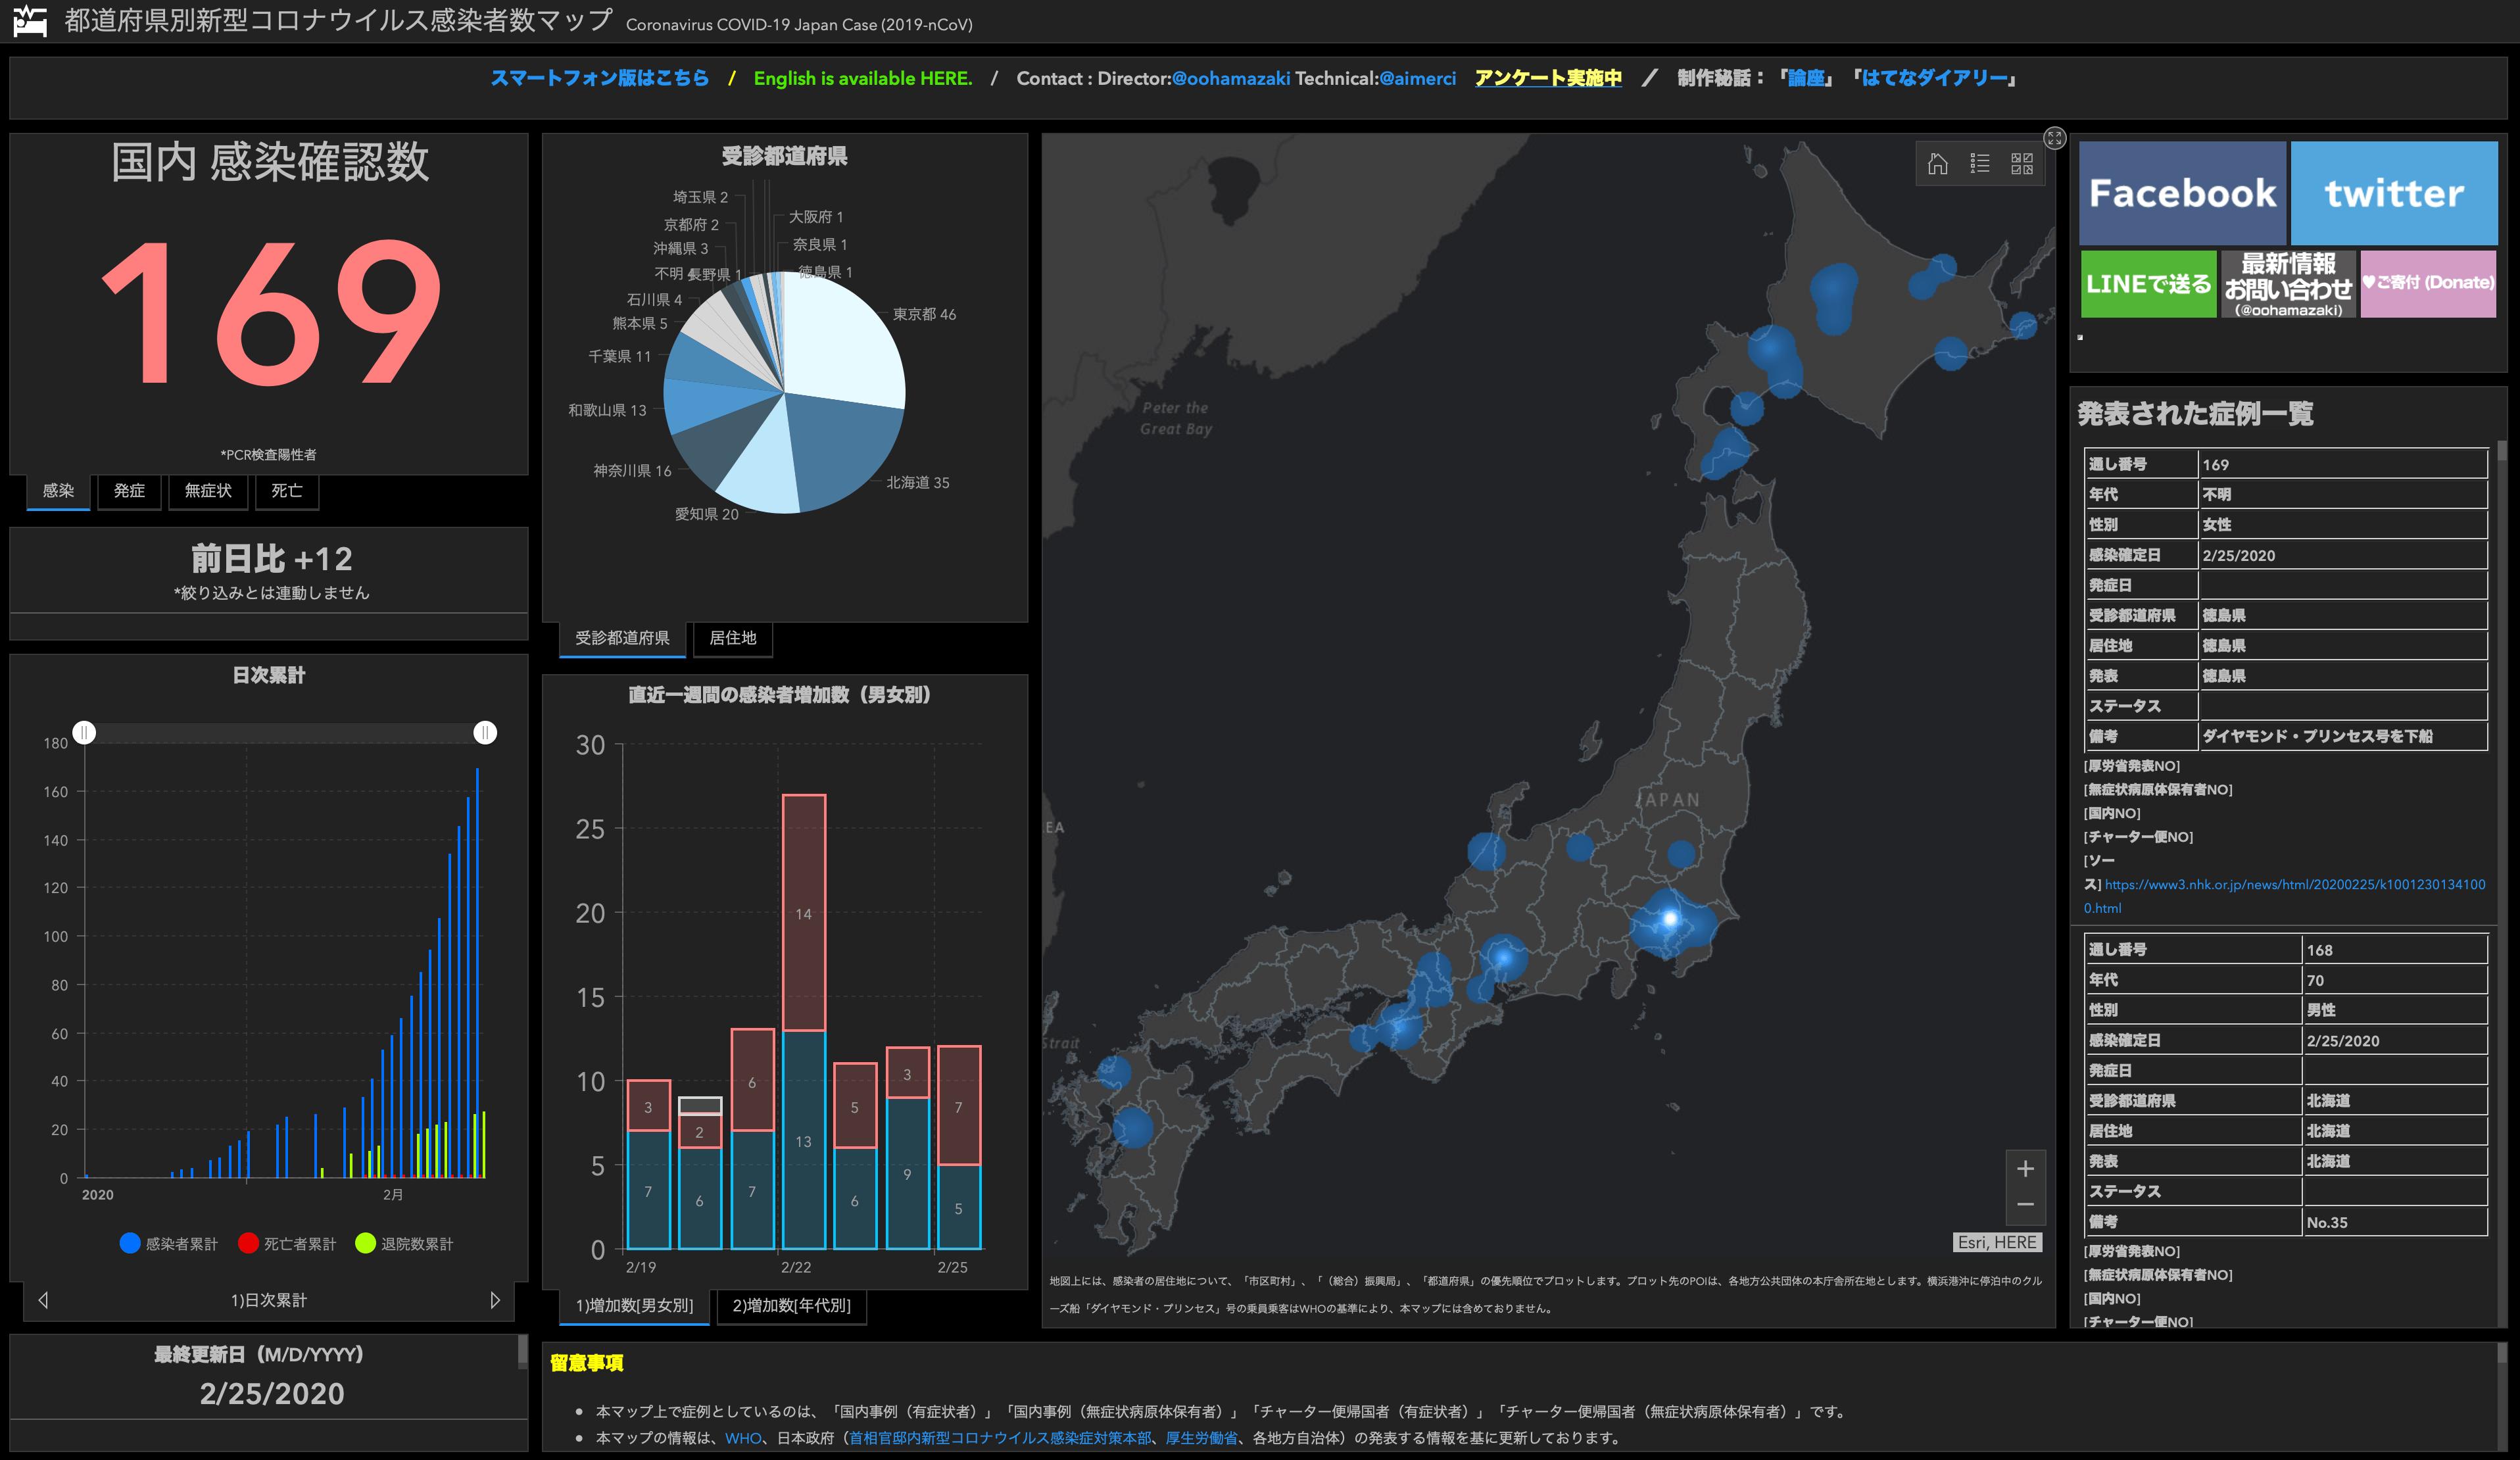 都道府県別新型コロナウイルス感染患者数マップ